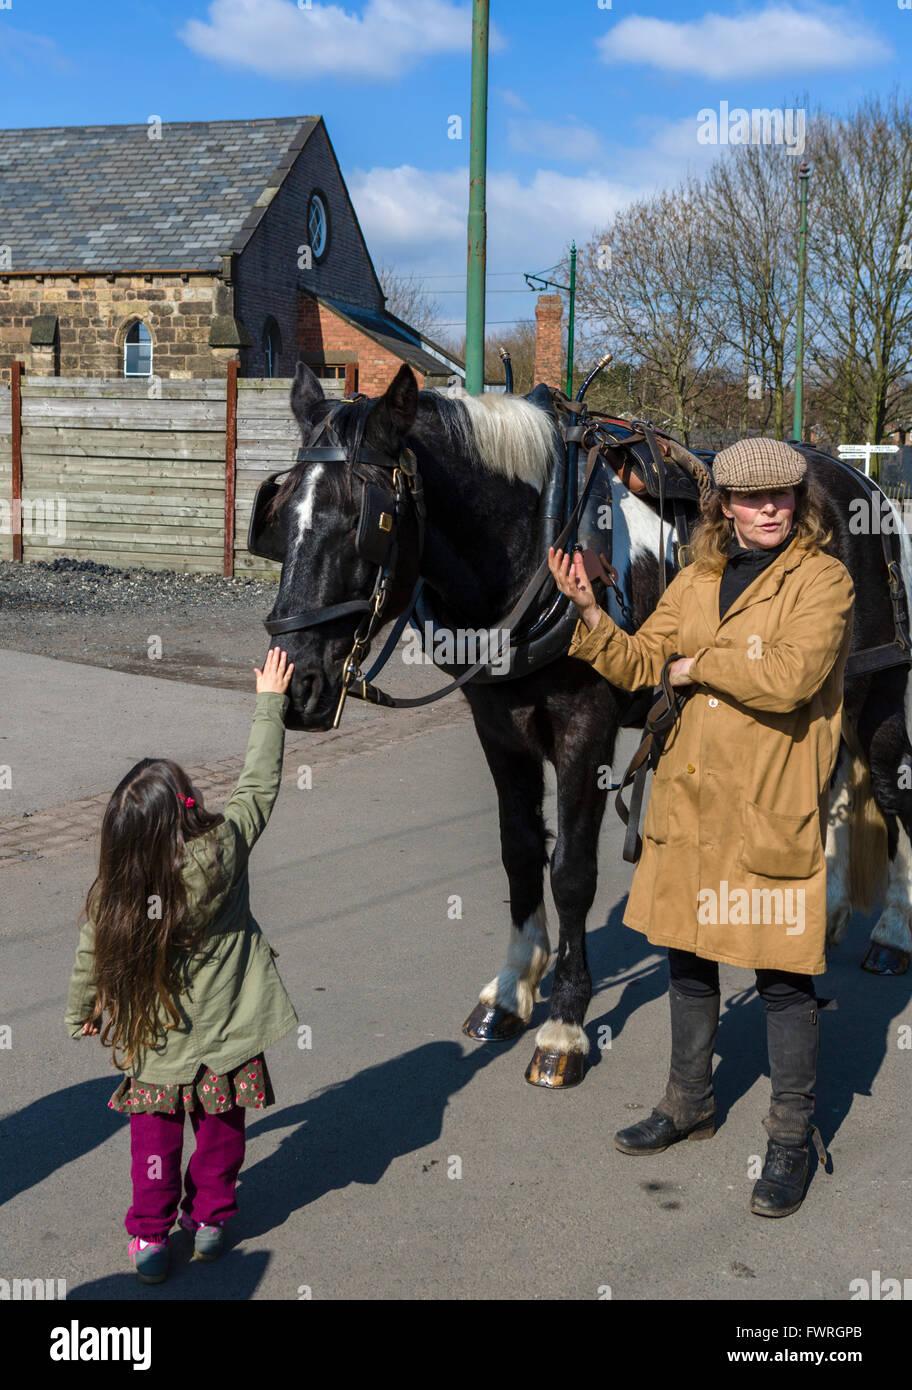 Niña de acariciar un caballo en el Black Country Living Museum, Dudley, West Midlands, Reino Unido Imagen De Stock